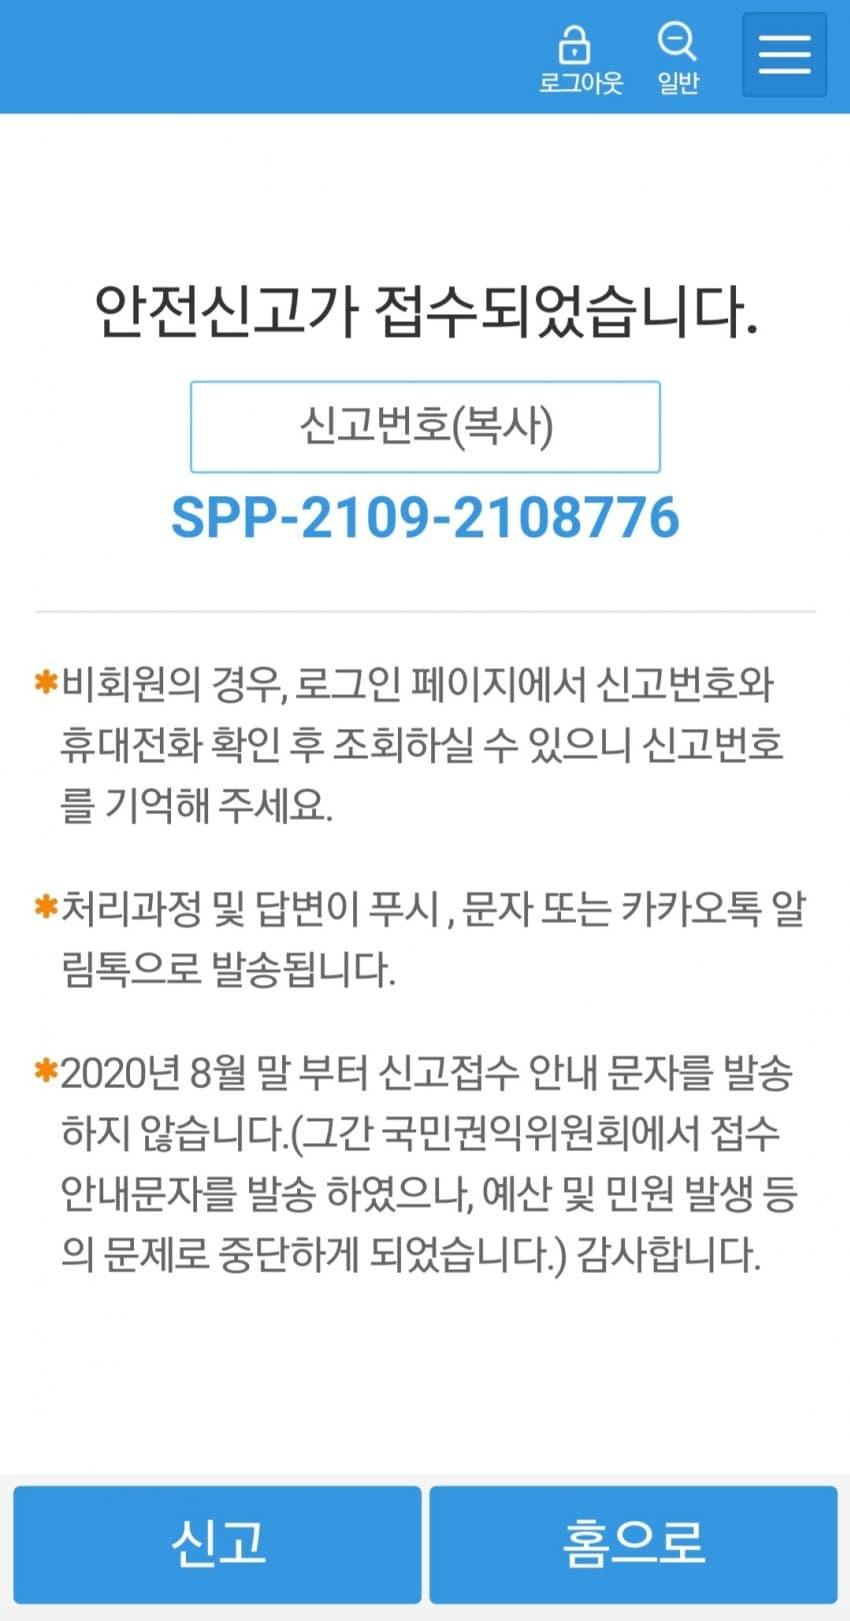 viewimage.php?id=2fb4db23&no=24b0d769e1d32ca73feb87fa11d0283175f95a5bb5a9434fdc24c2adb14f4bdb6e6af97a1f8b99b61468ce57ab9f0569f2ed5e1c846cf5f172ca8ddb296b376c019b35ca0b2581c98c14d231a26fbabe6ac766951a3e1189e3b8e95c89e35a3819daa347e0e2b25f